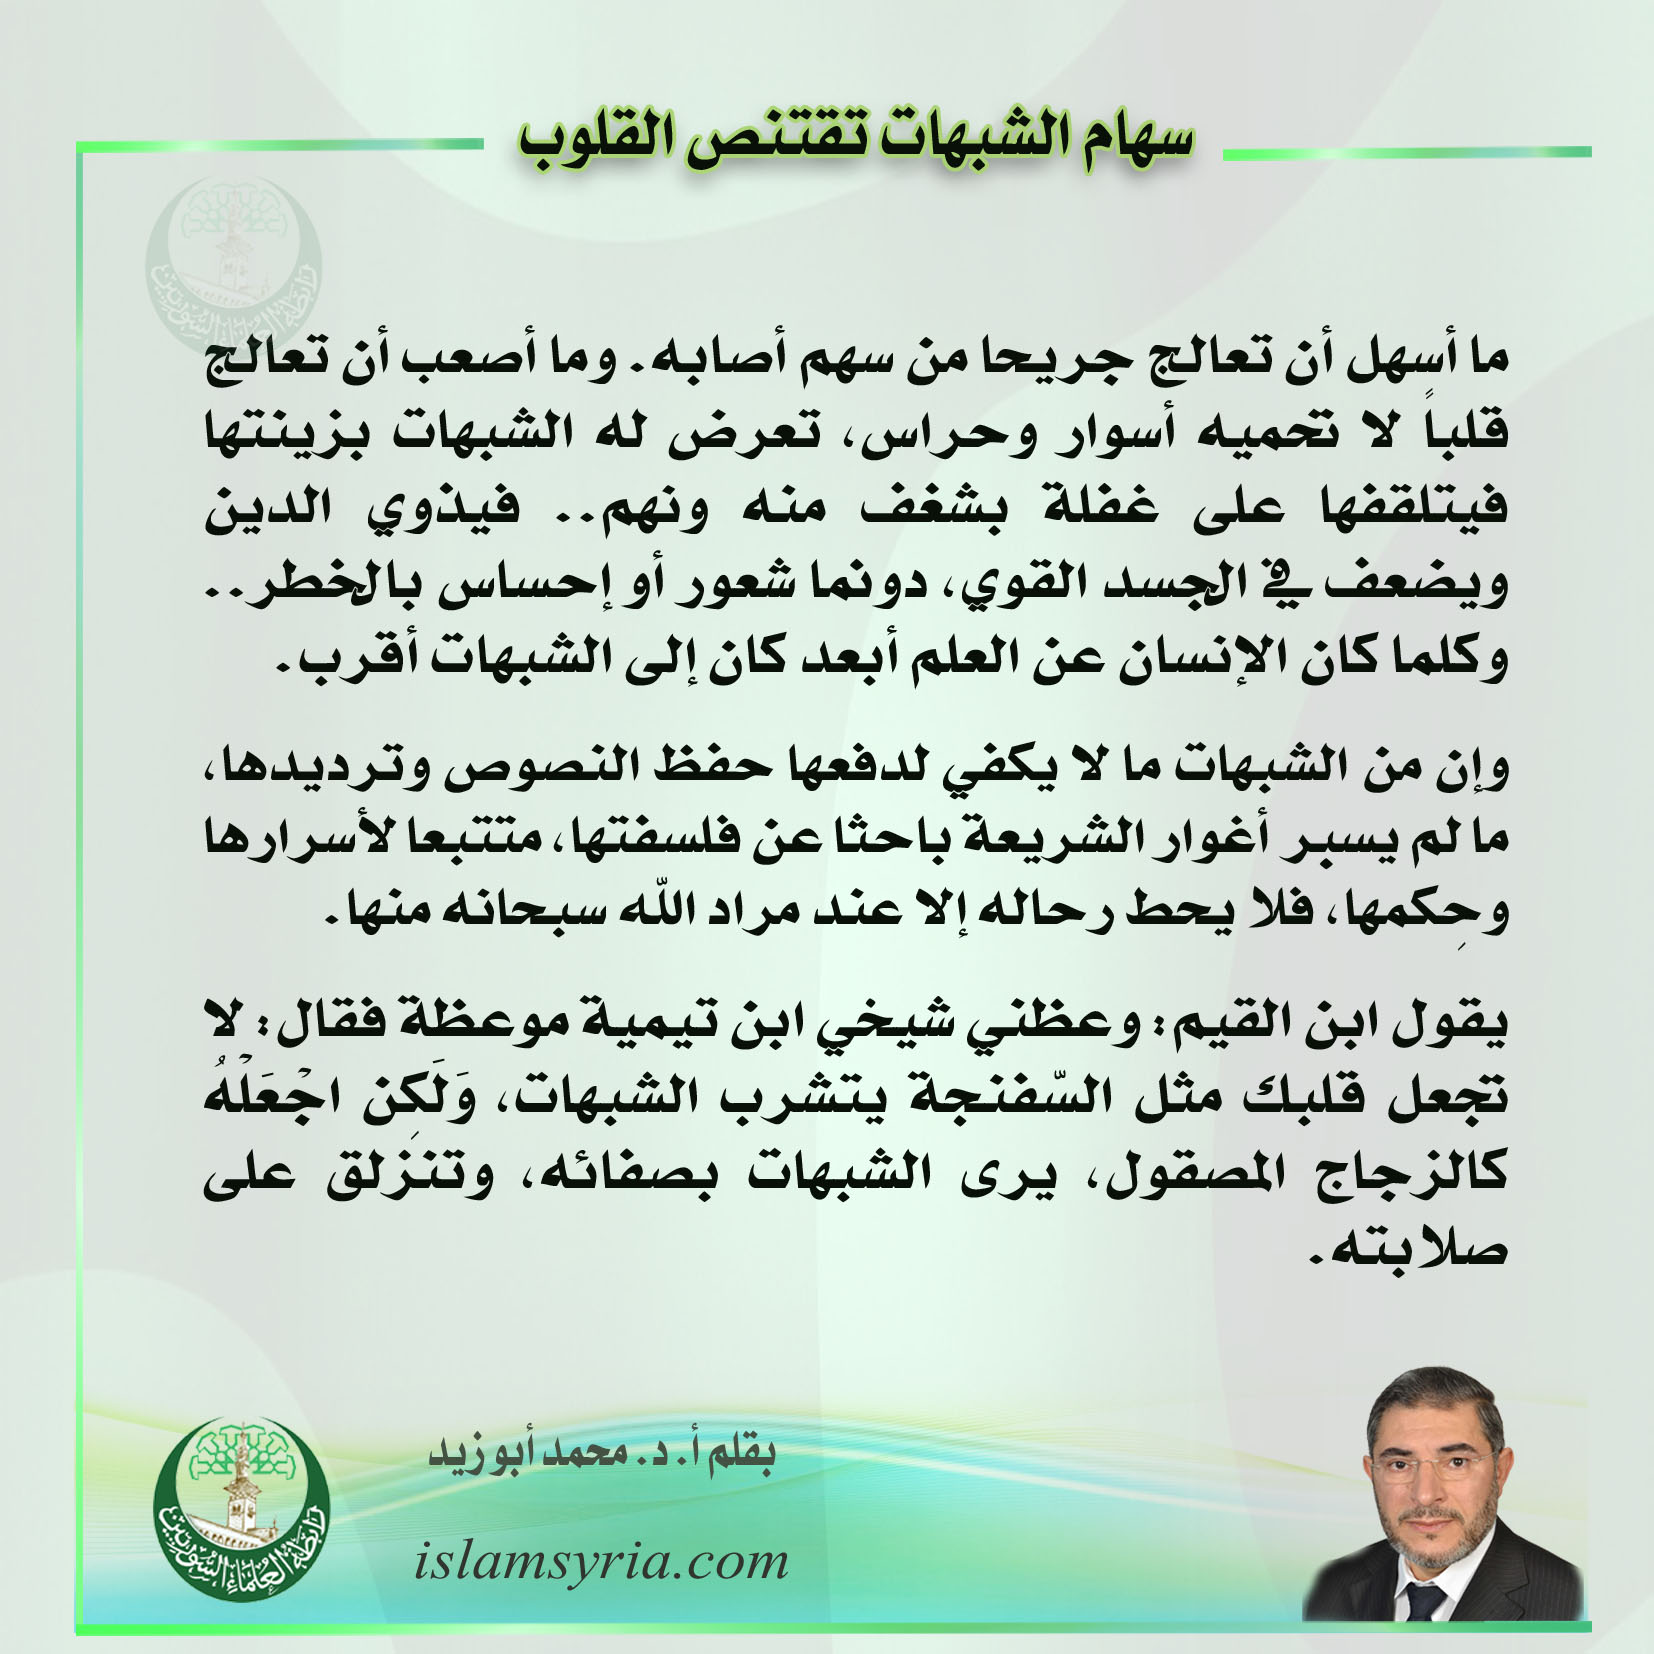 البطاقات الدعوية|| سهام الشبهات تقتنص القلوب||د.محمد أبو زيد